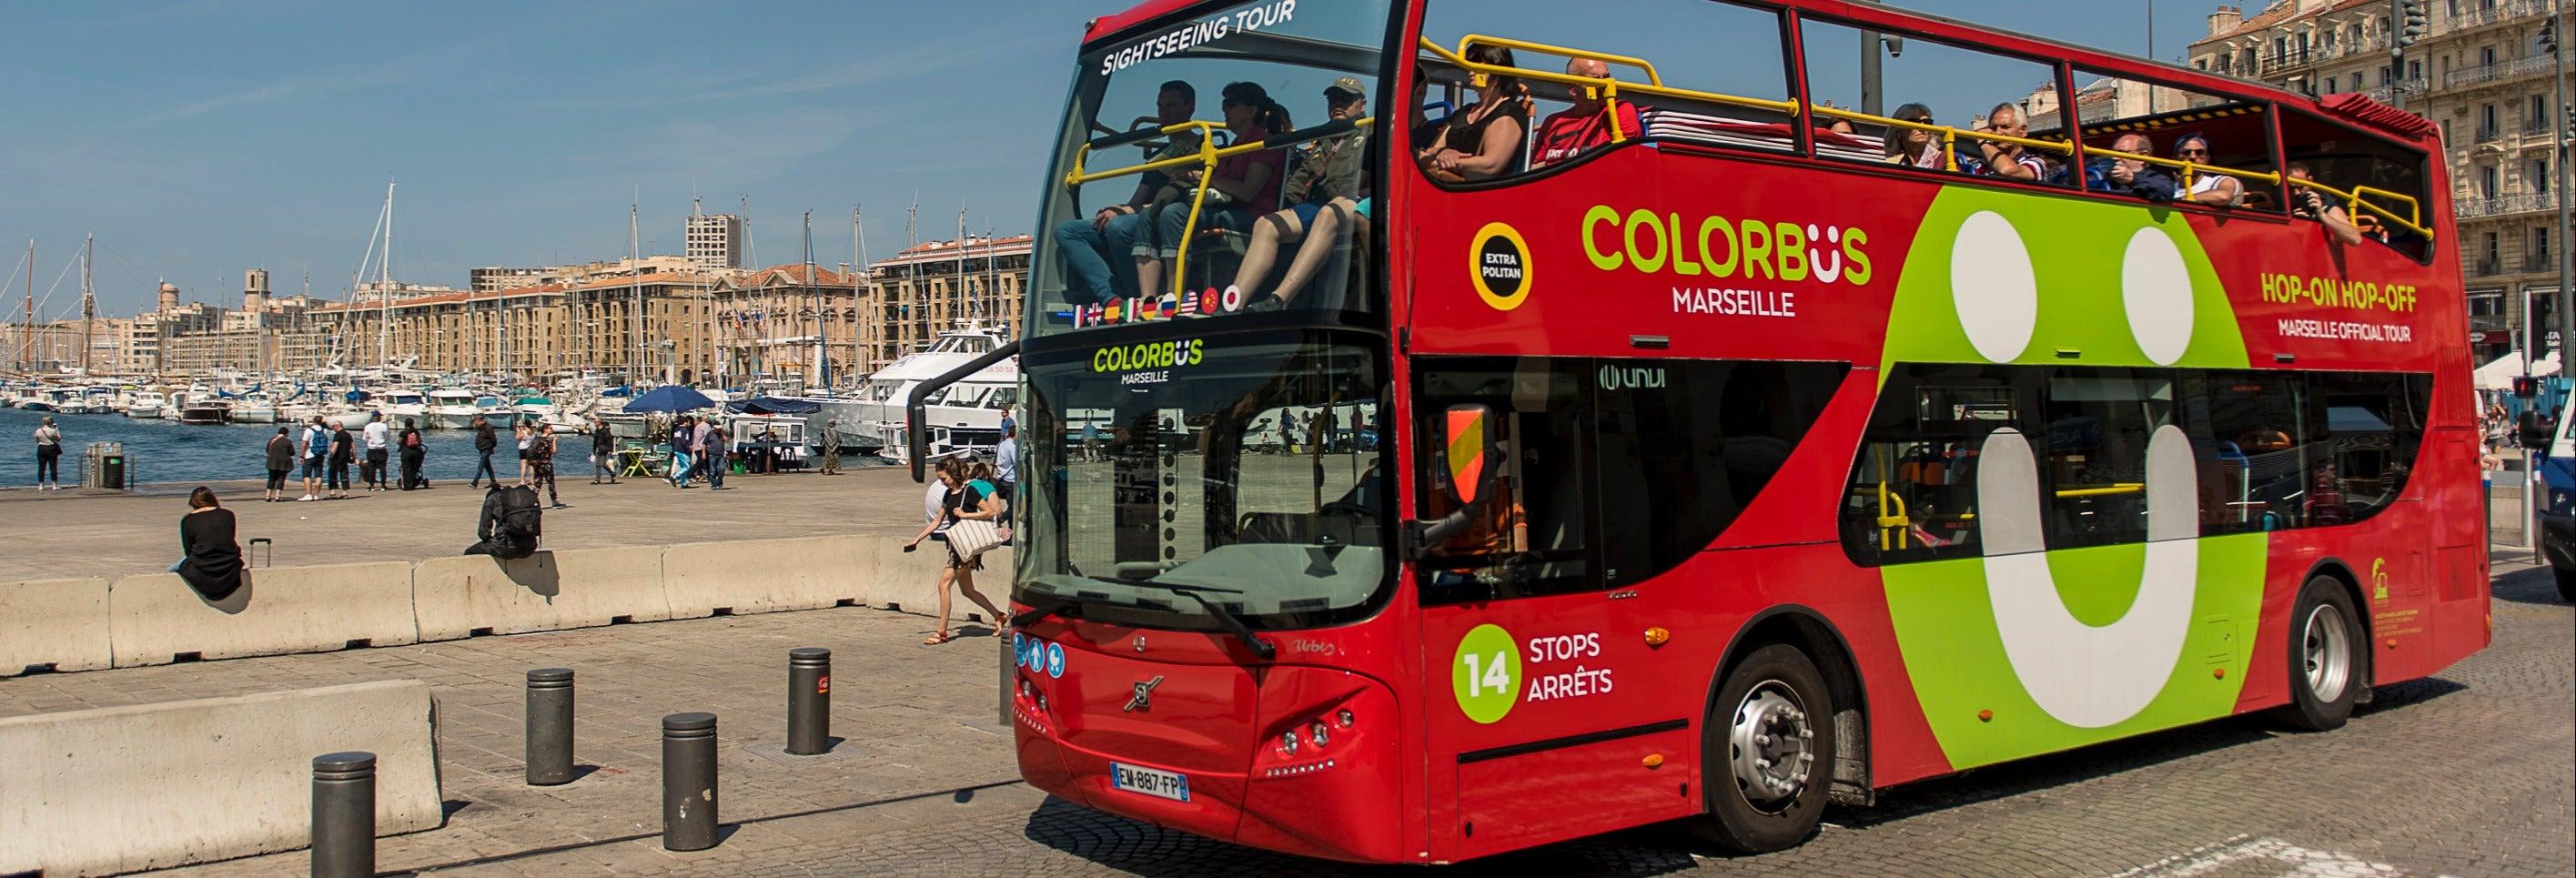 Bus Tour of Marseille